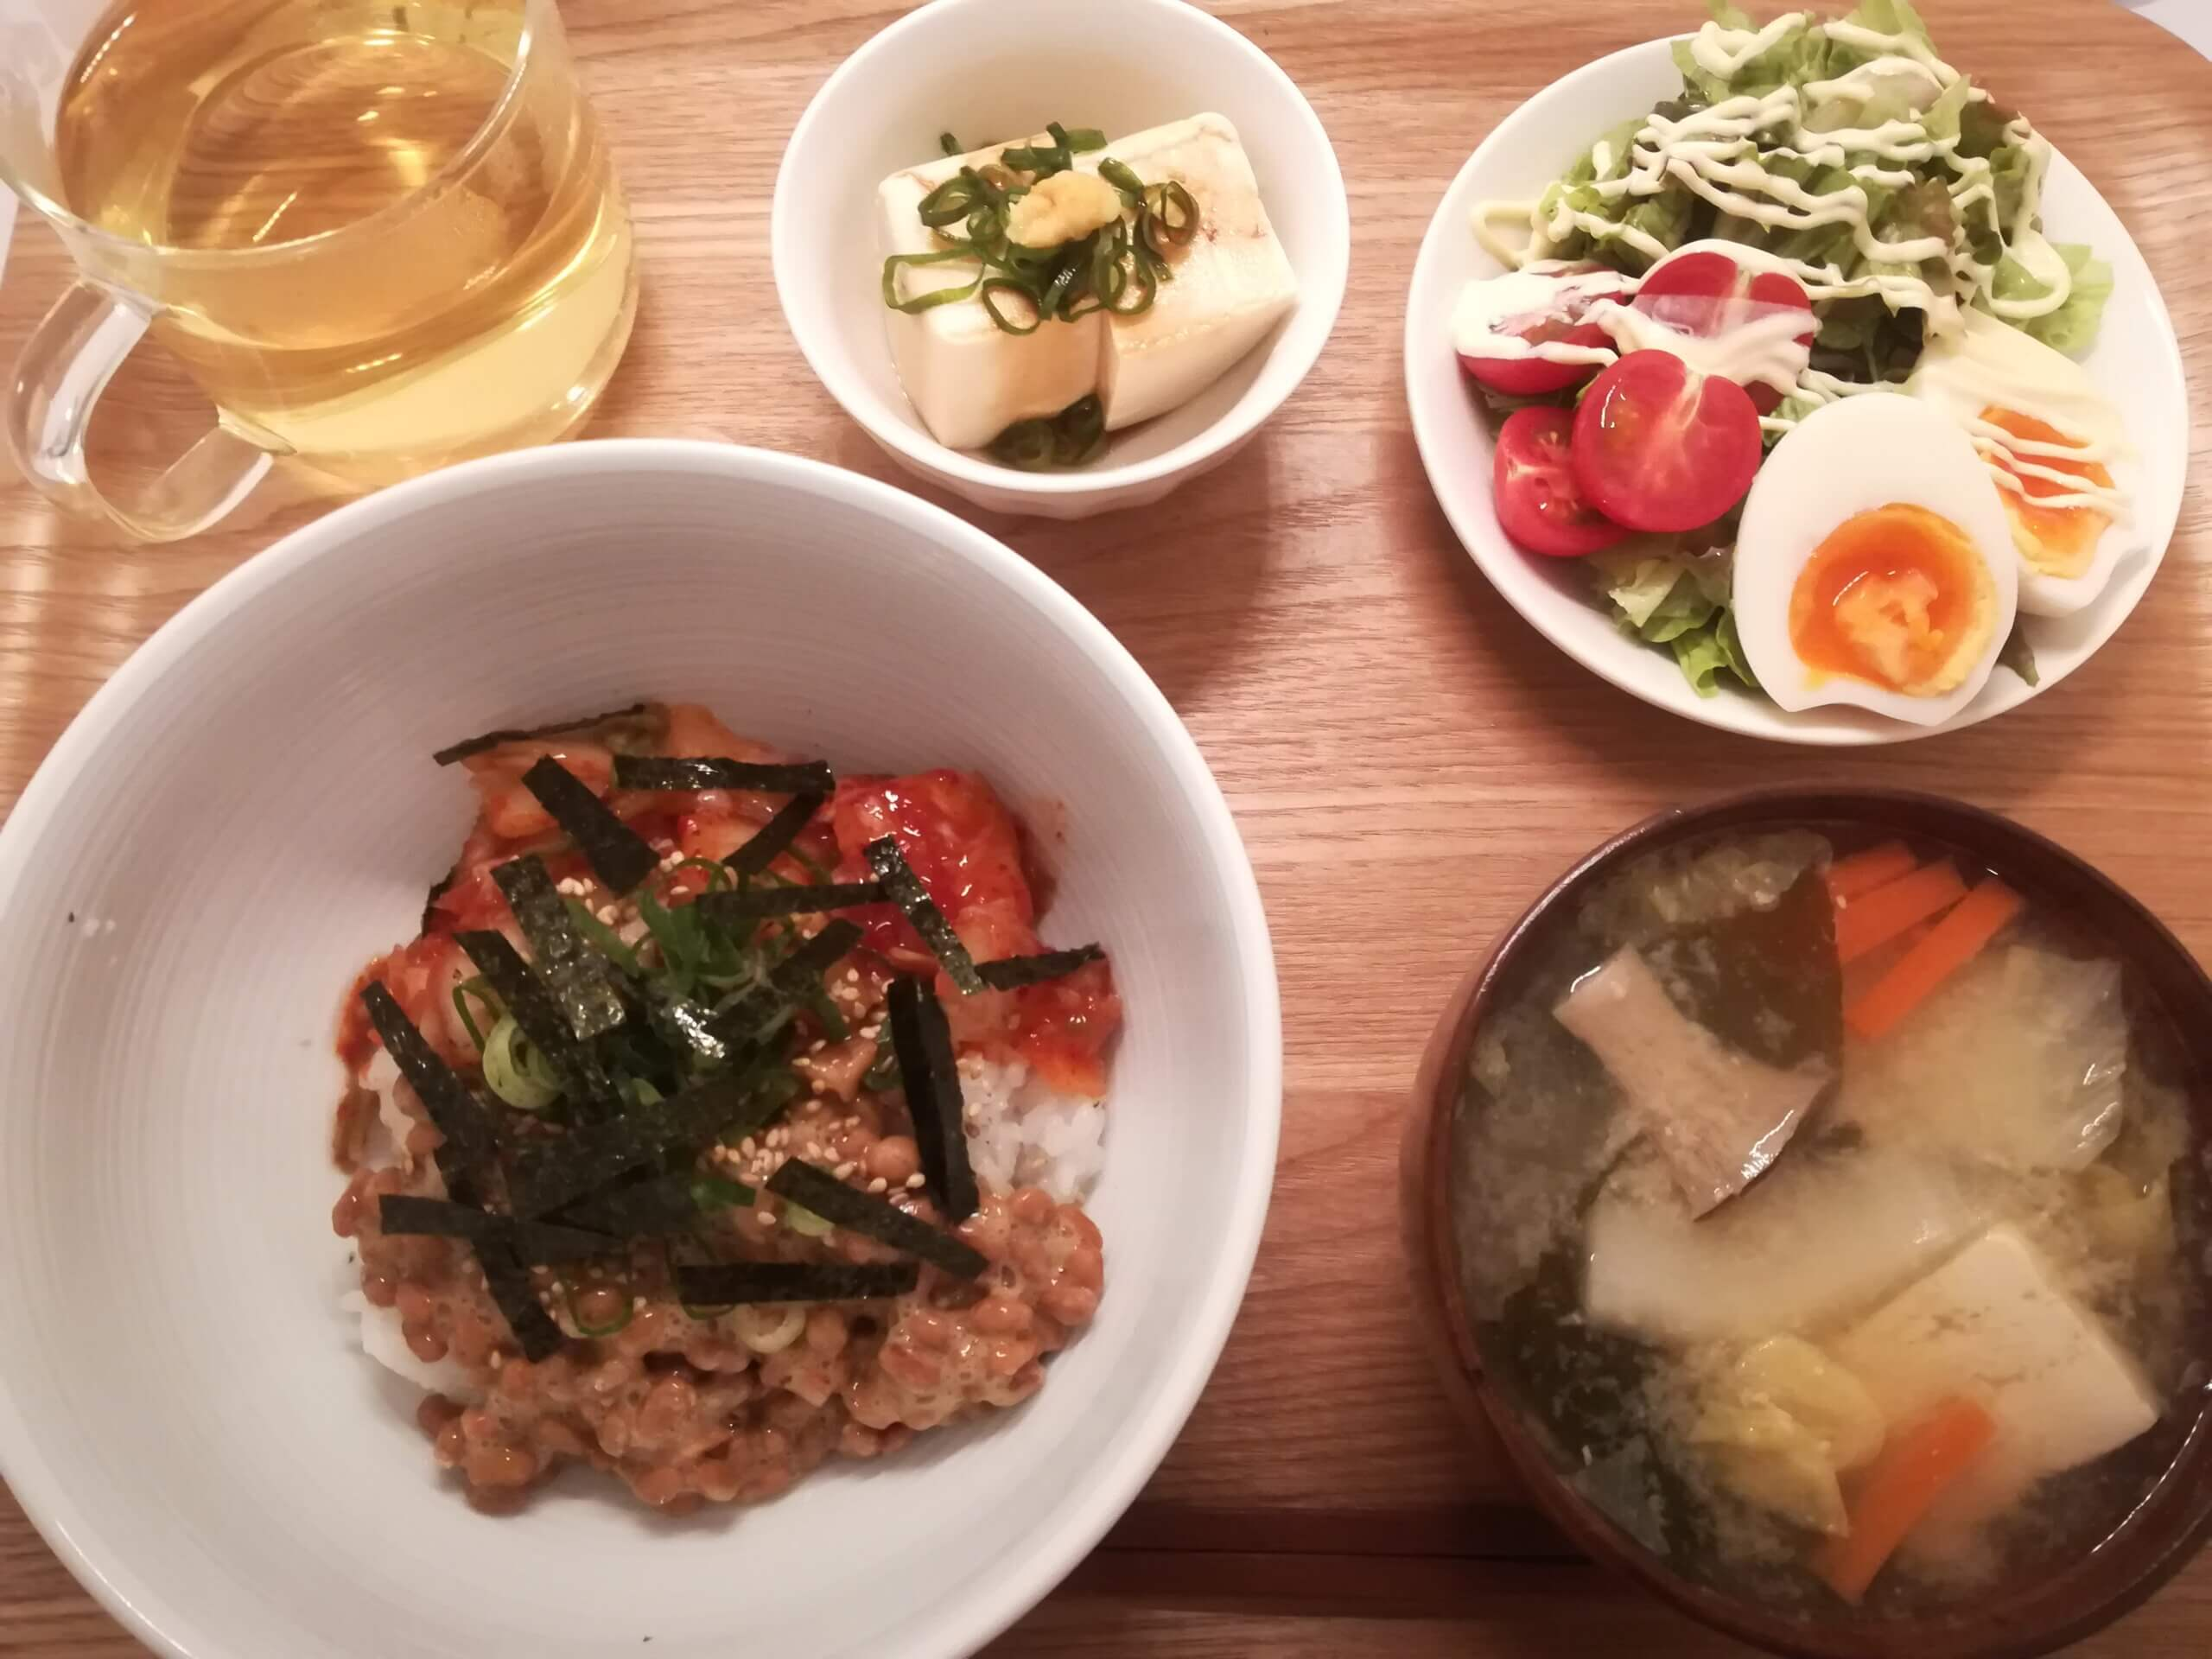 シンプルな朝食/納豆キムチ丼/スーツについて語る